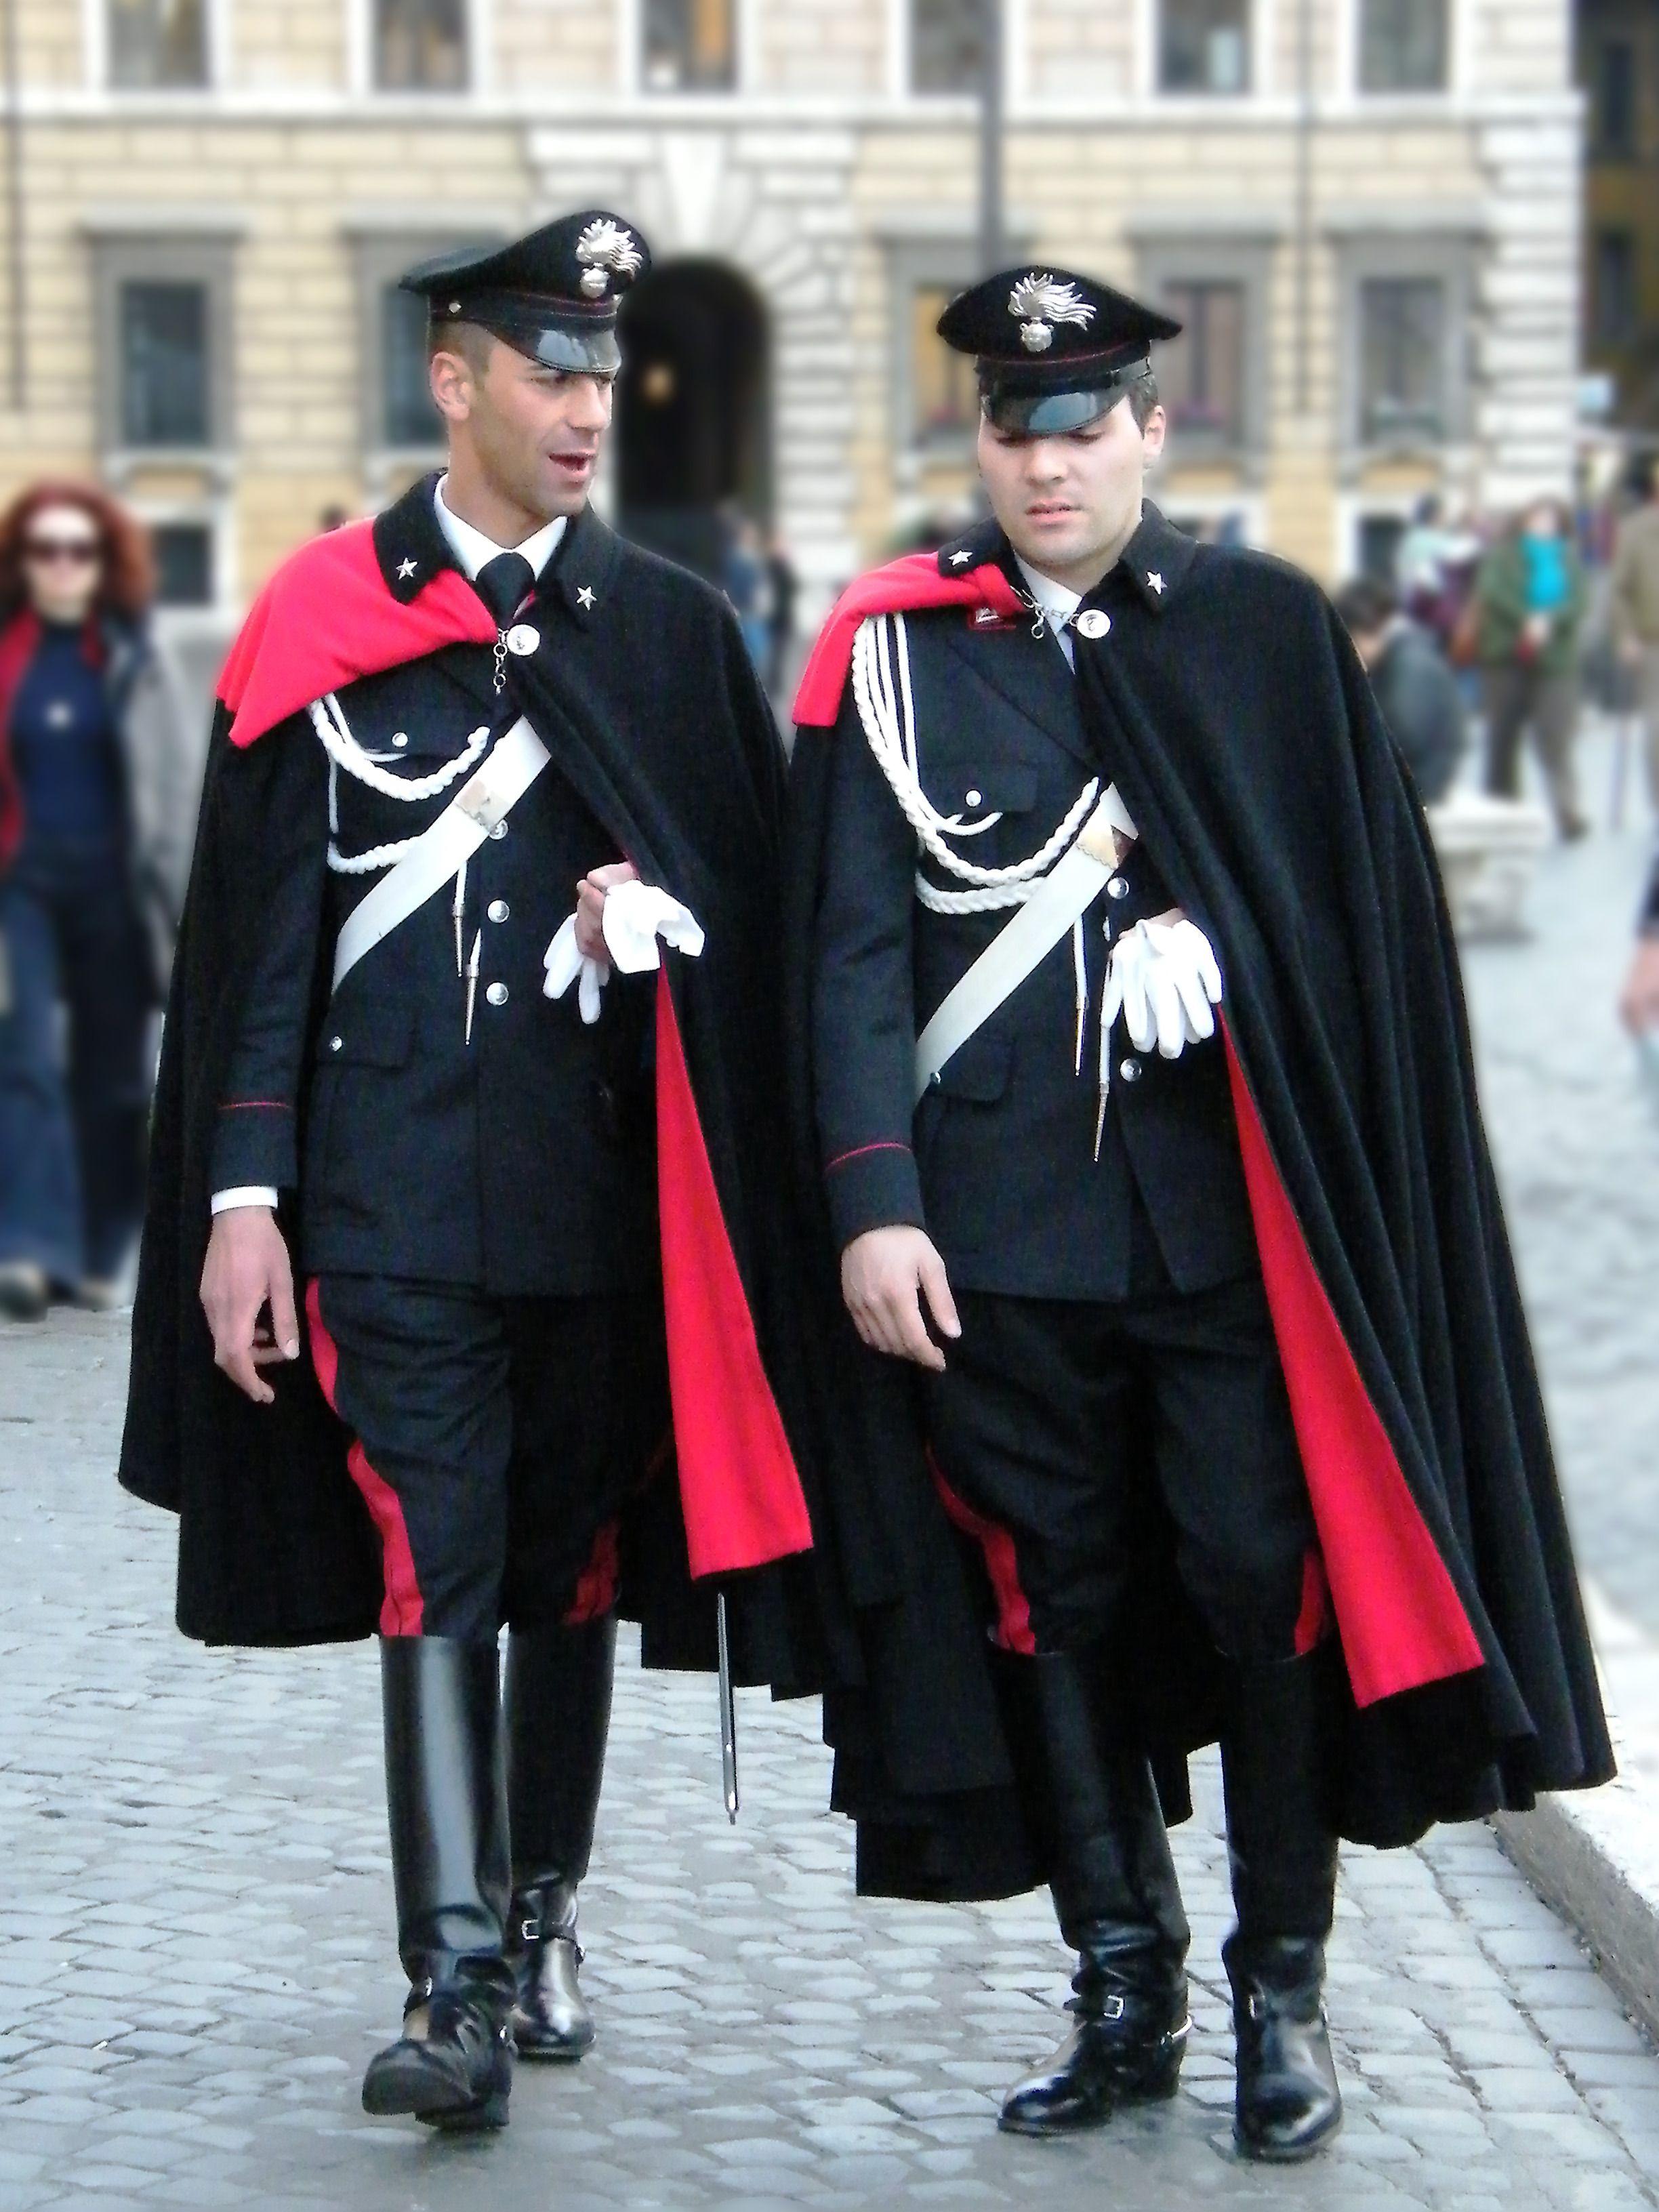 海外「ナチス親衛隊の軍服よりカッコいい制服ってこの世に存在